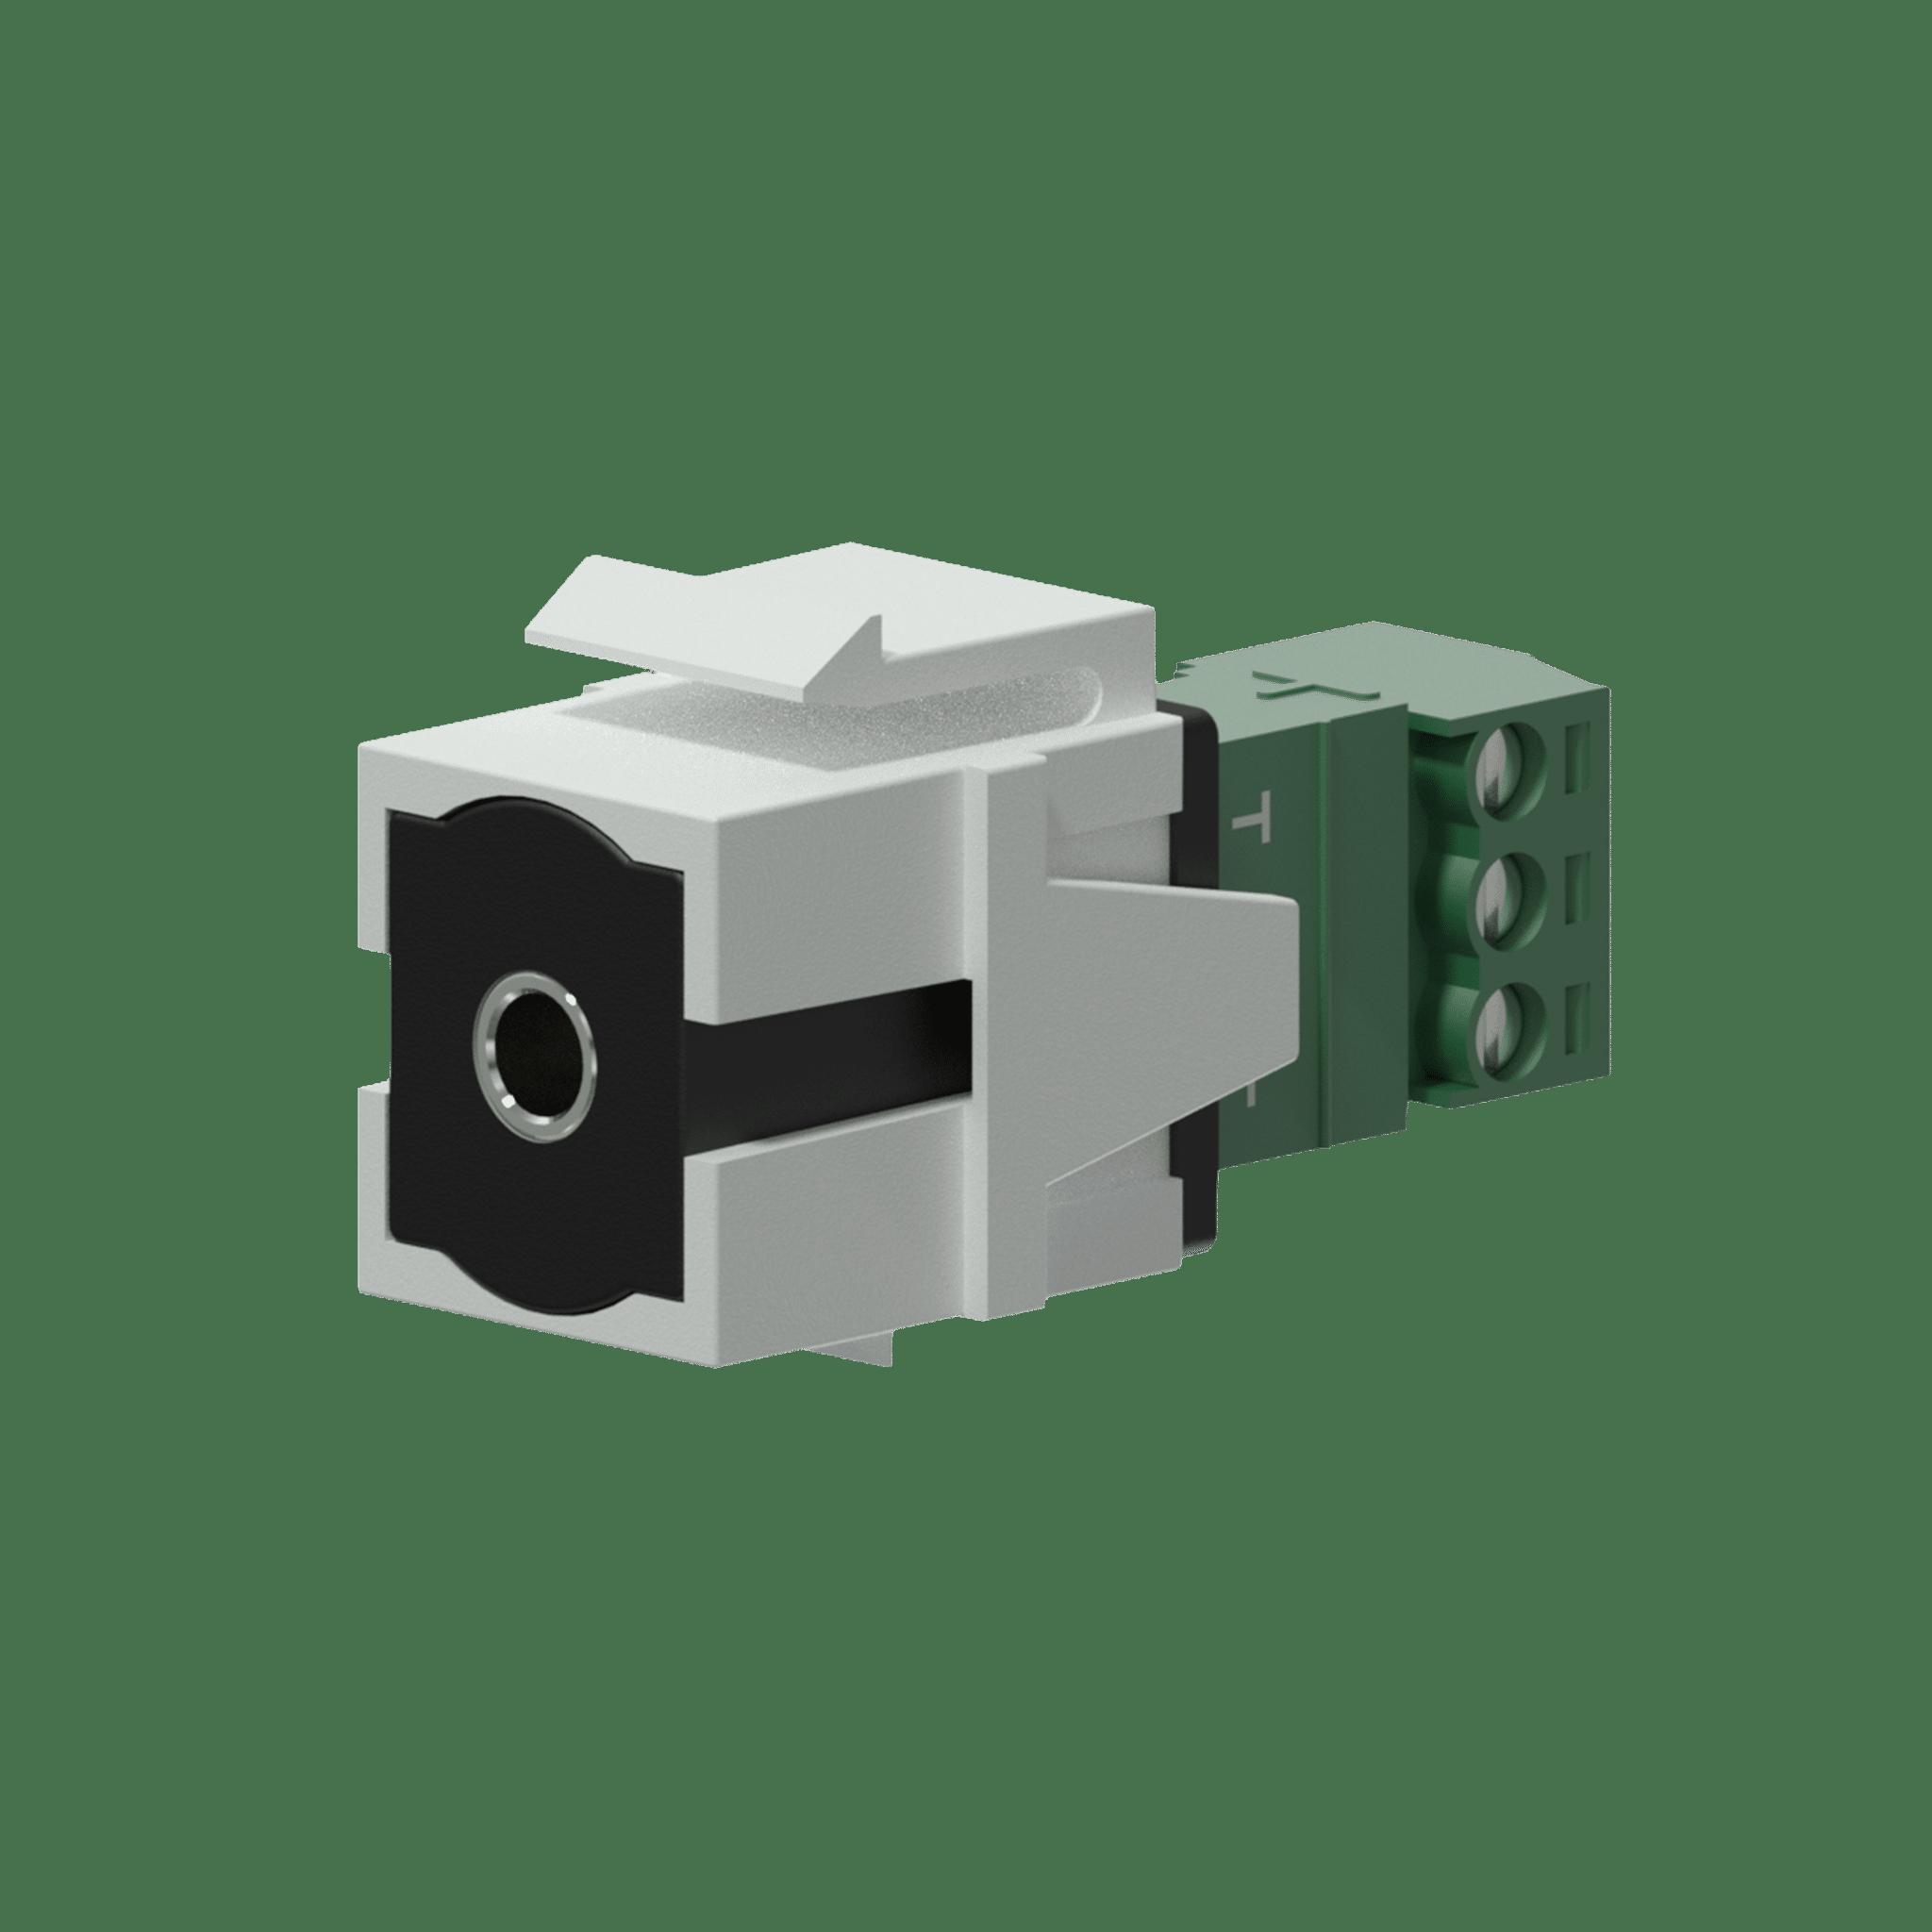 VCK315/W - White